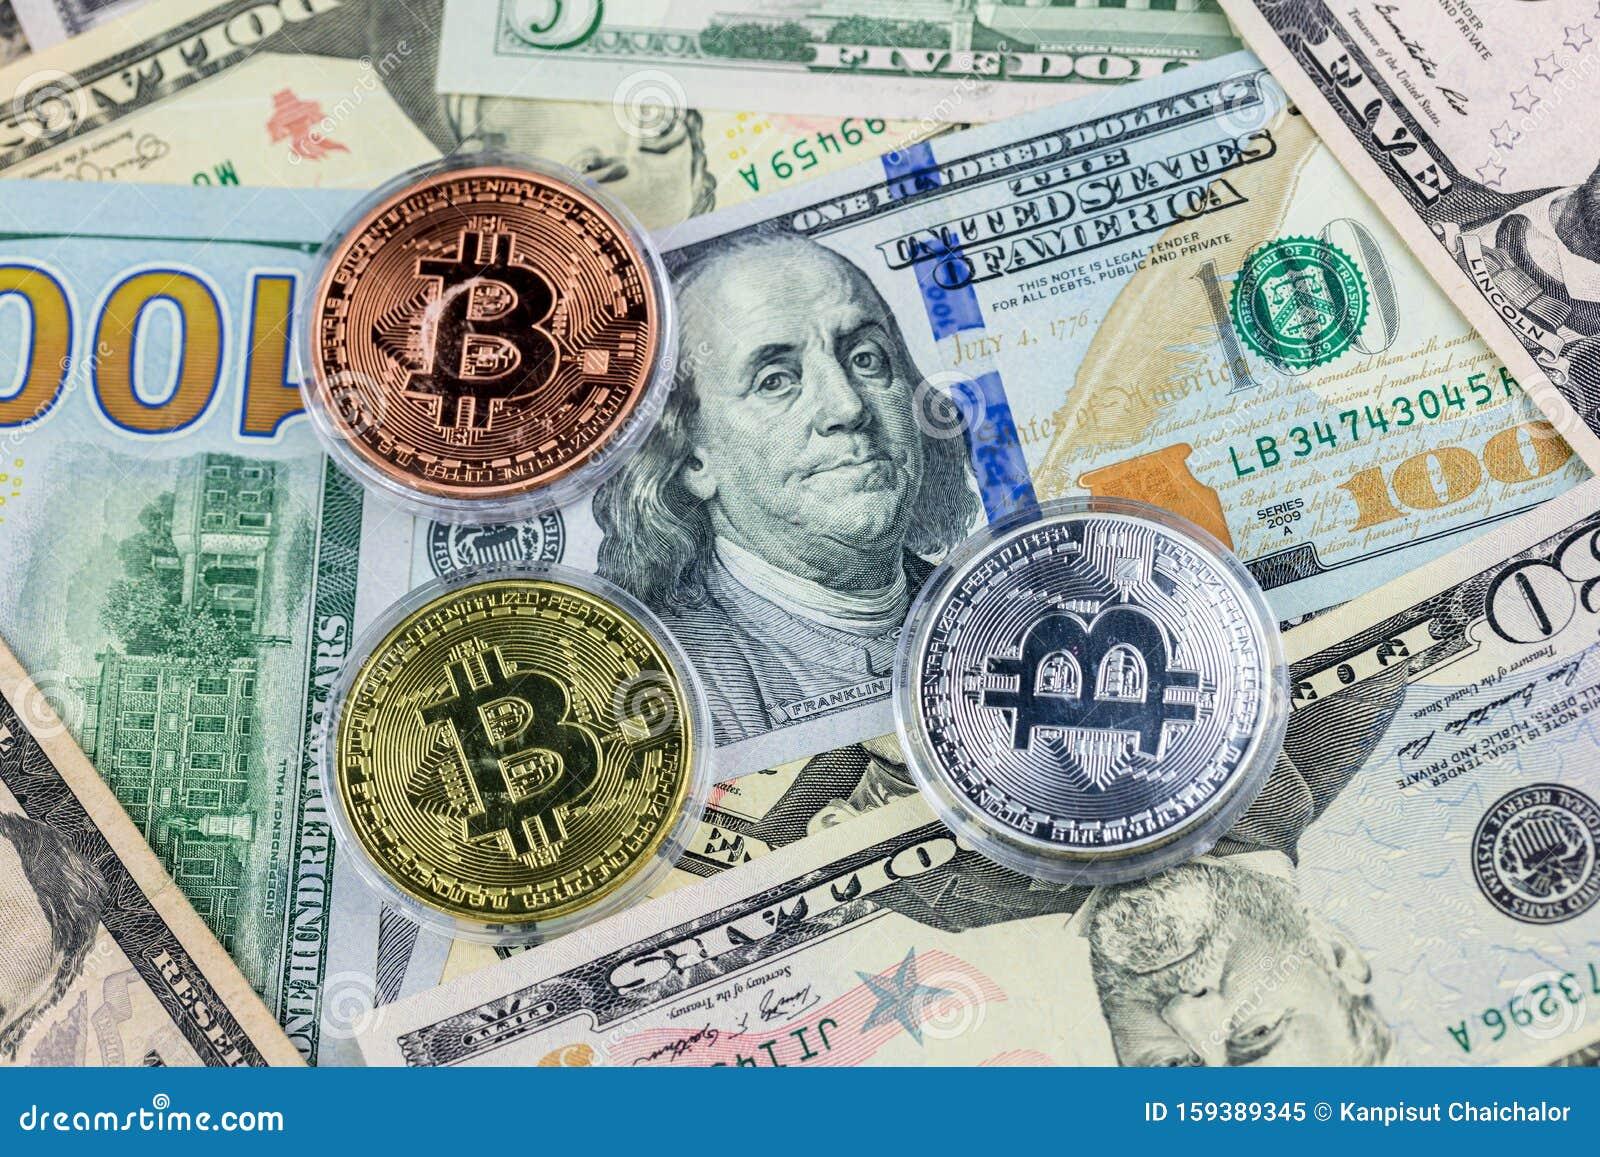 Trade bitcoins for dollars svenska spel live betting sports